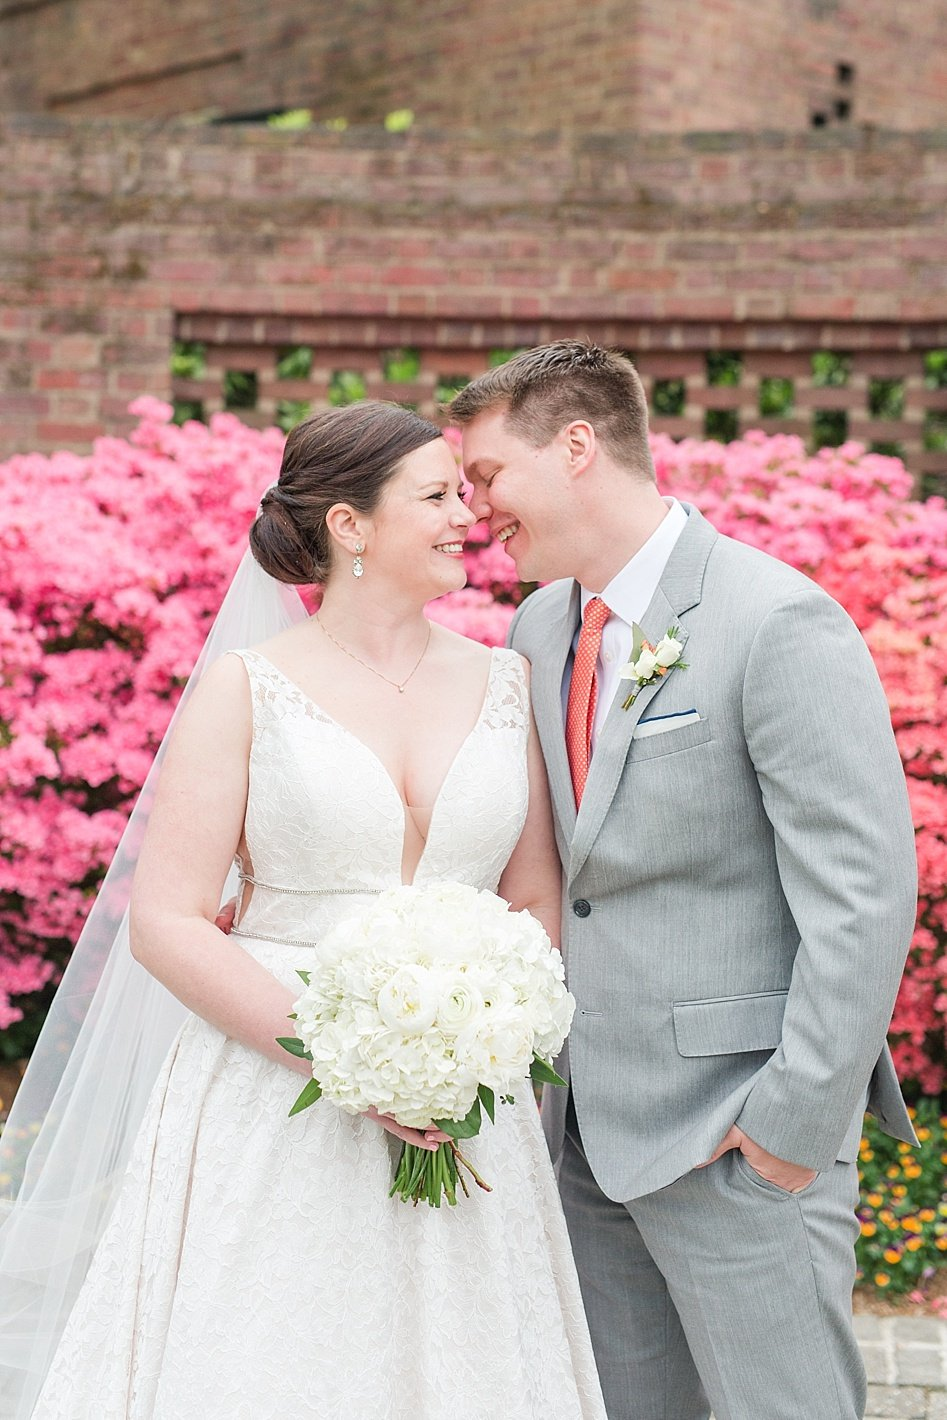 Newton White wedding photography